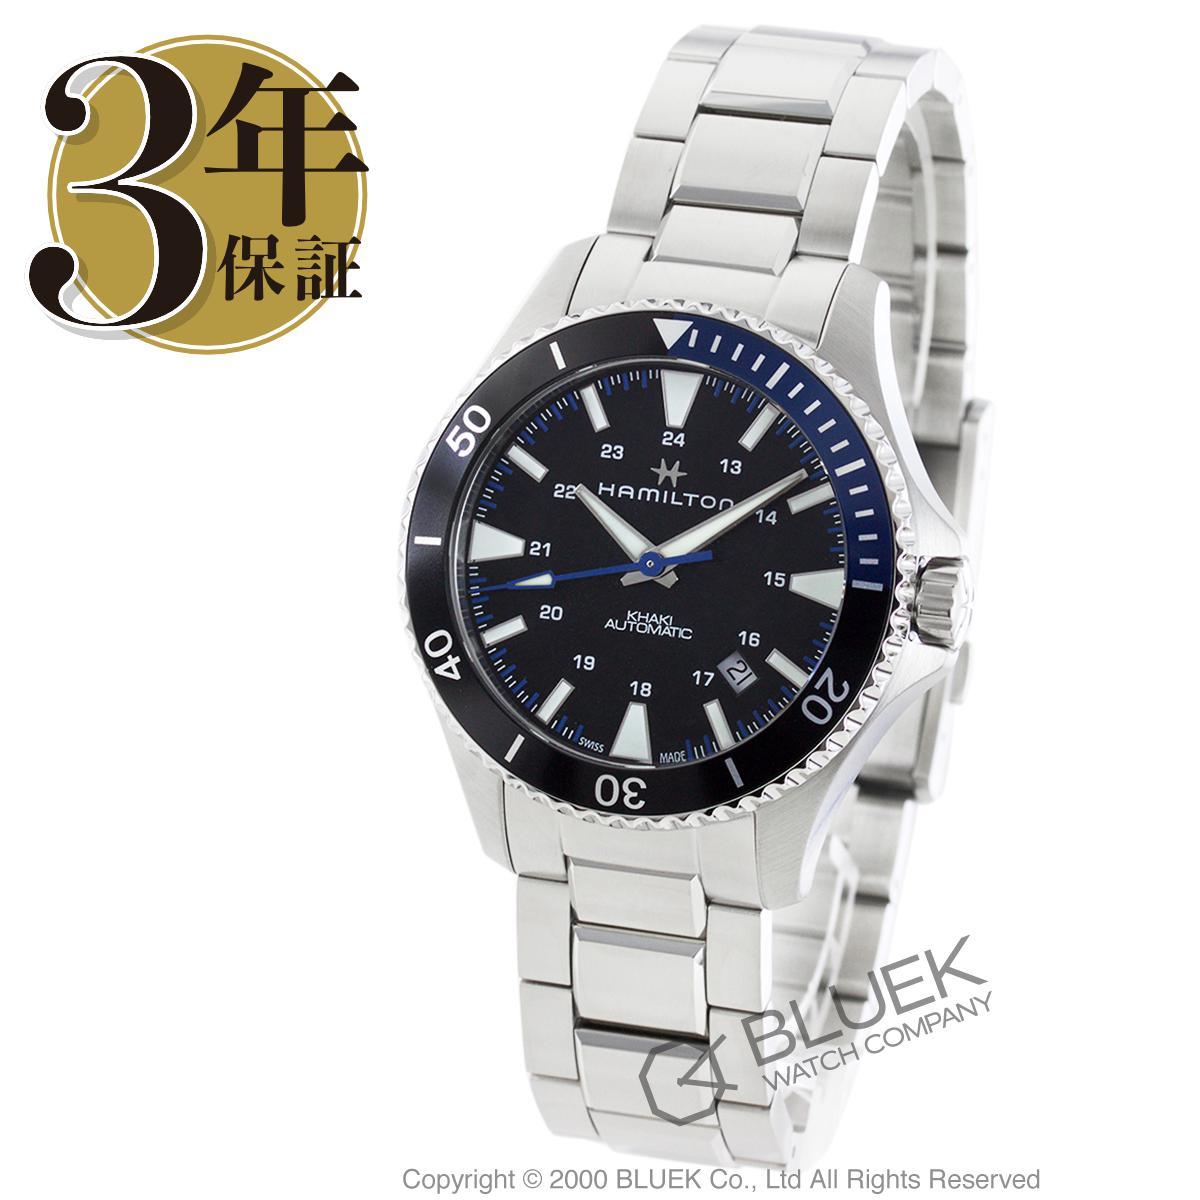 ハミルトン カーキ ネイビー スキューバ オート 腕時計 メンズ HAMILTON H82315131_8 バーゲン 成人祝い ギフト プレゼント